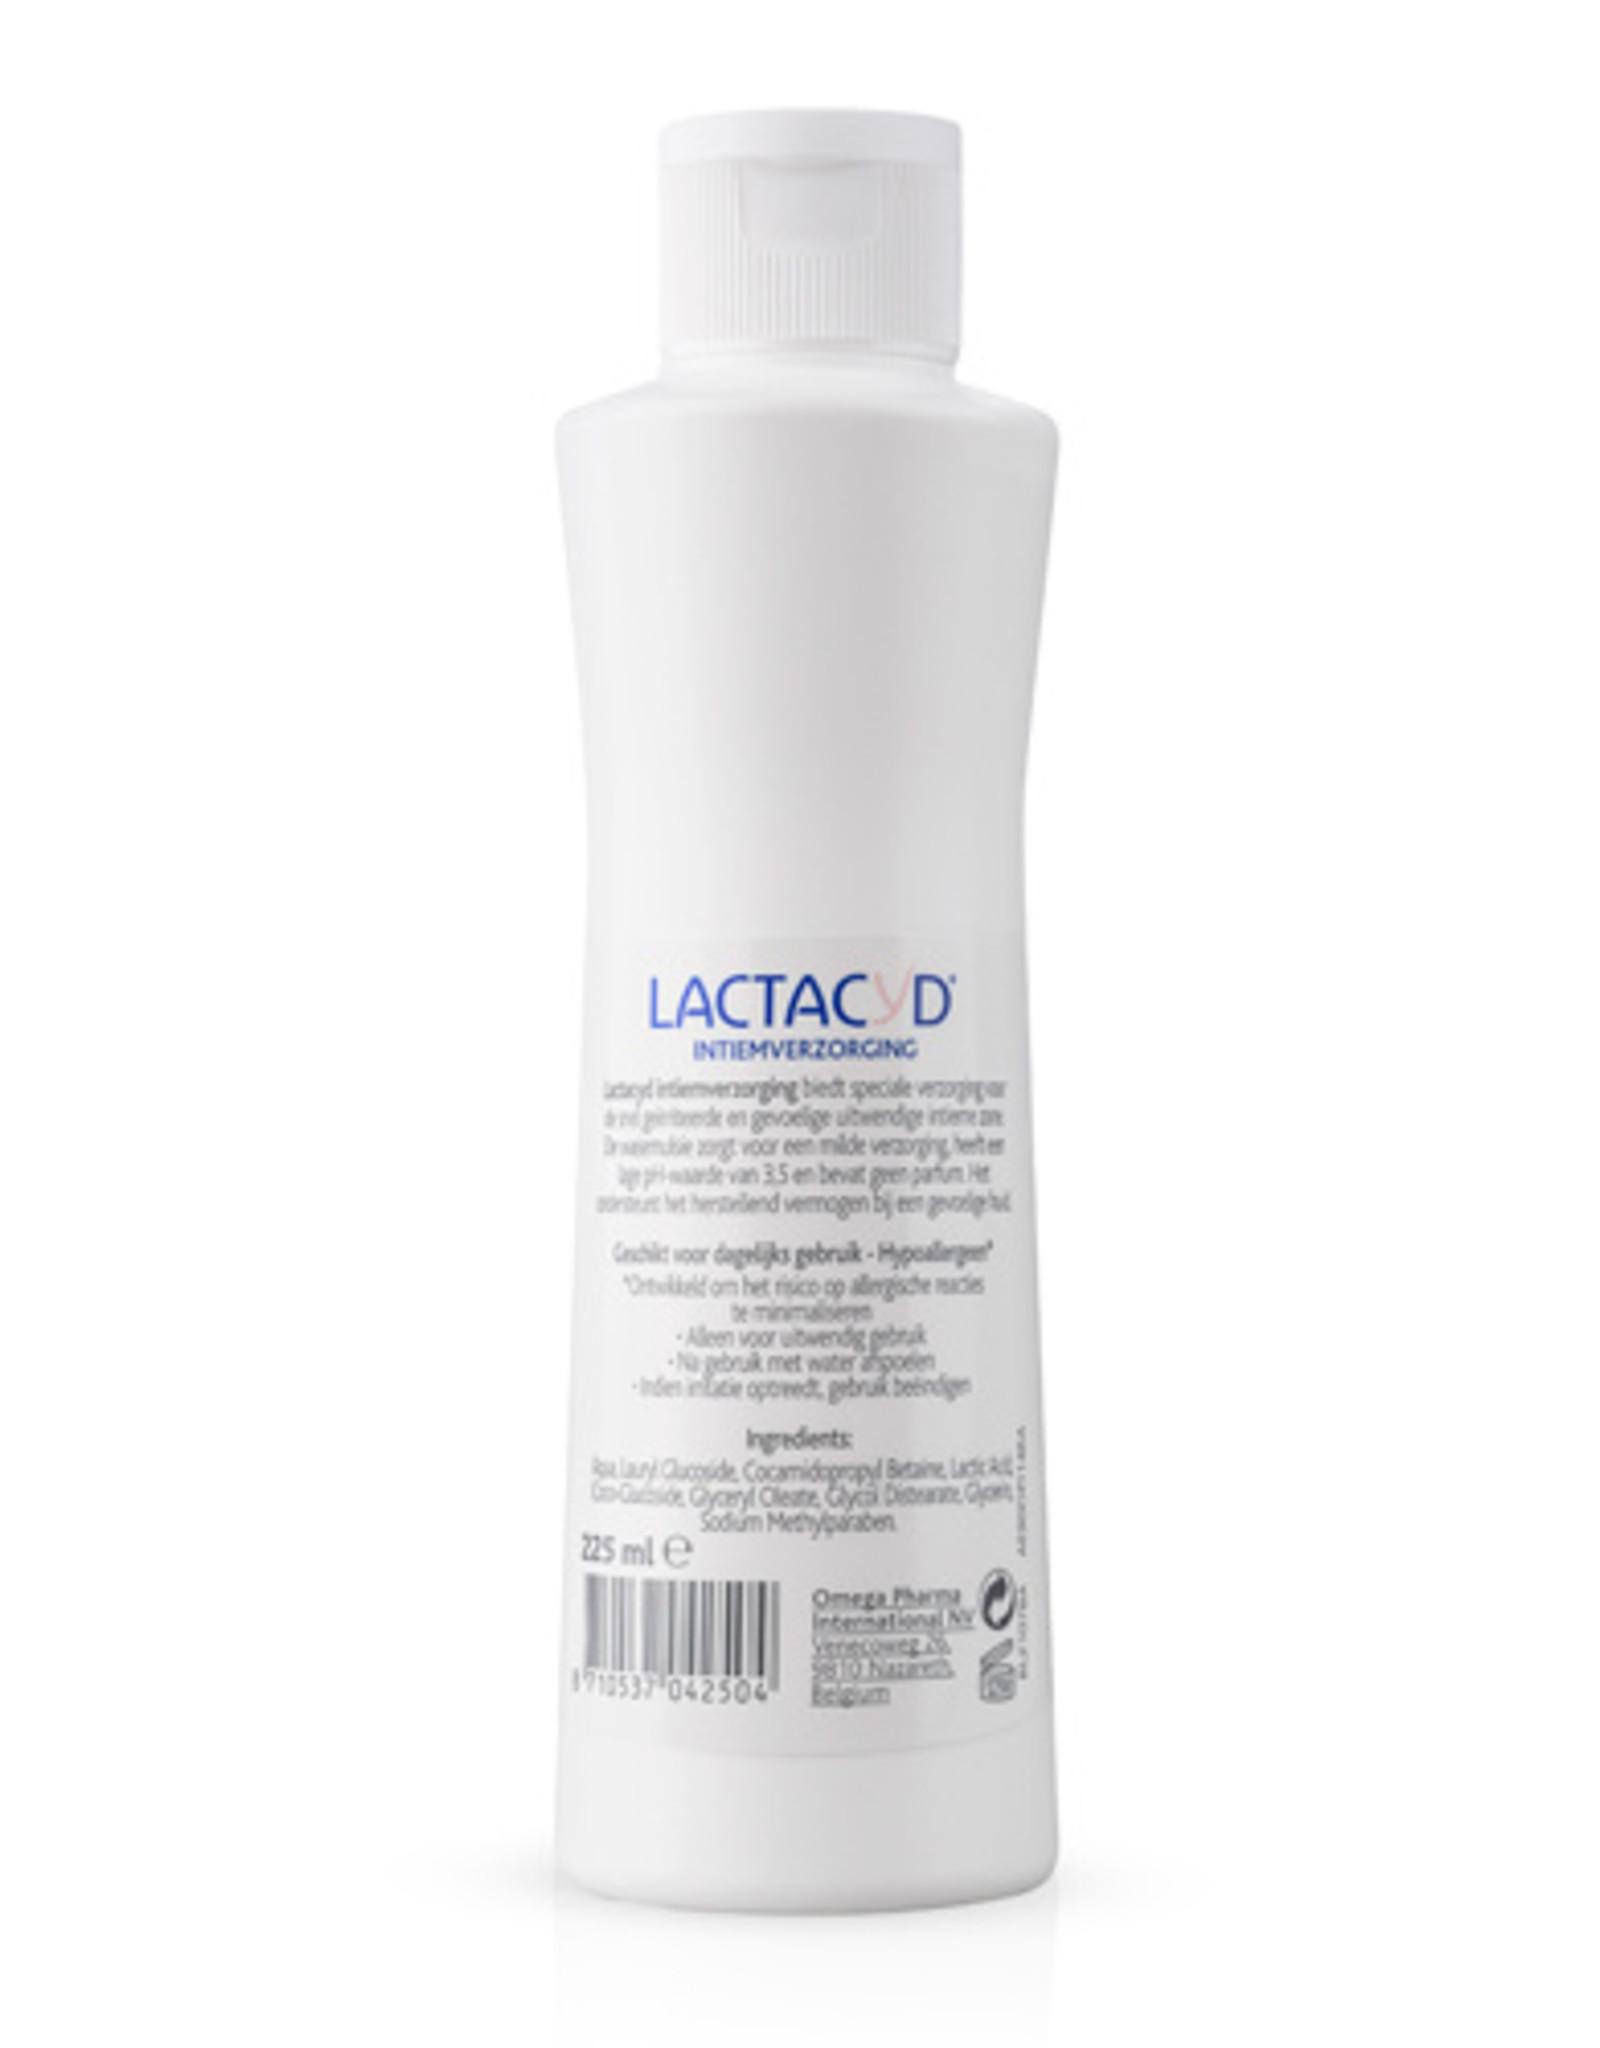 Lactacyd Lactacyd Basic Wasemulsie - 225ml